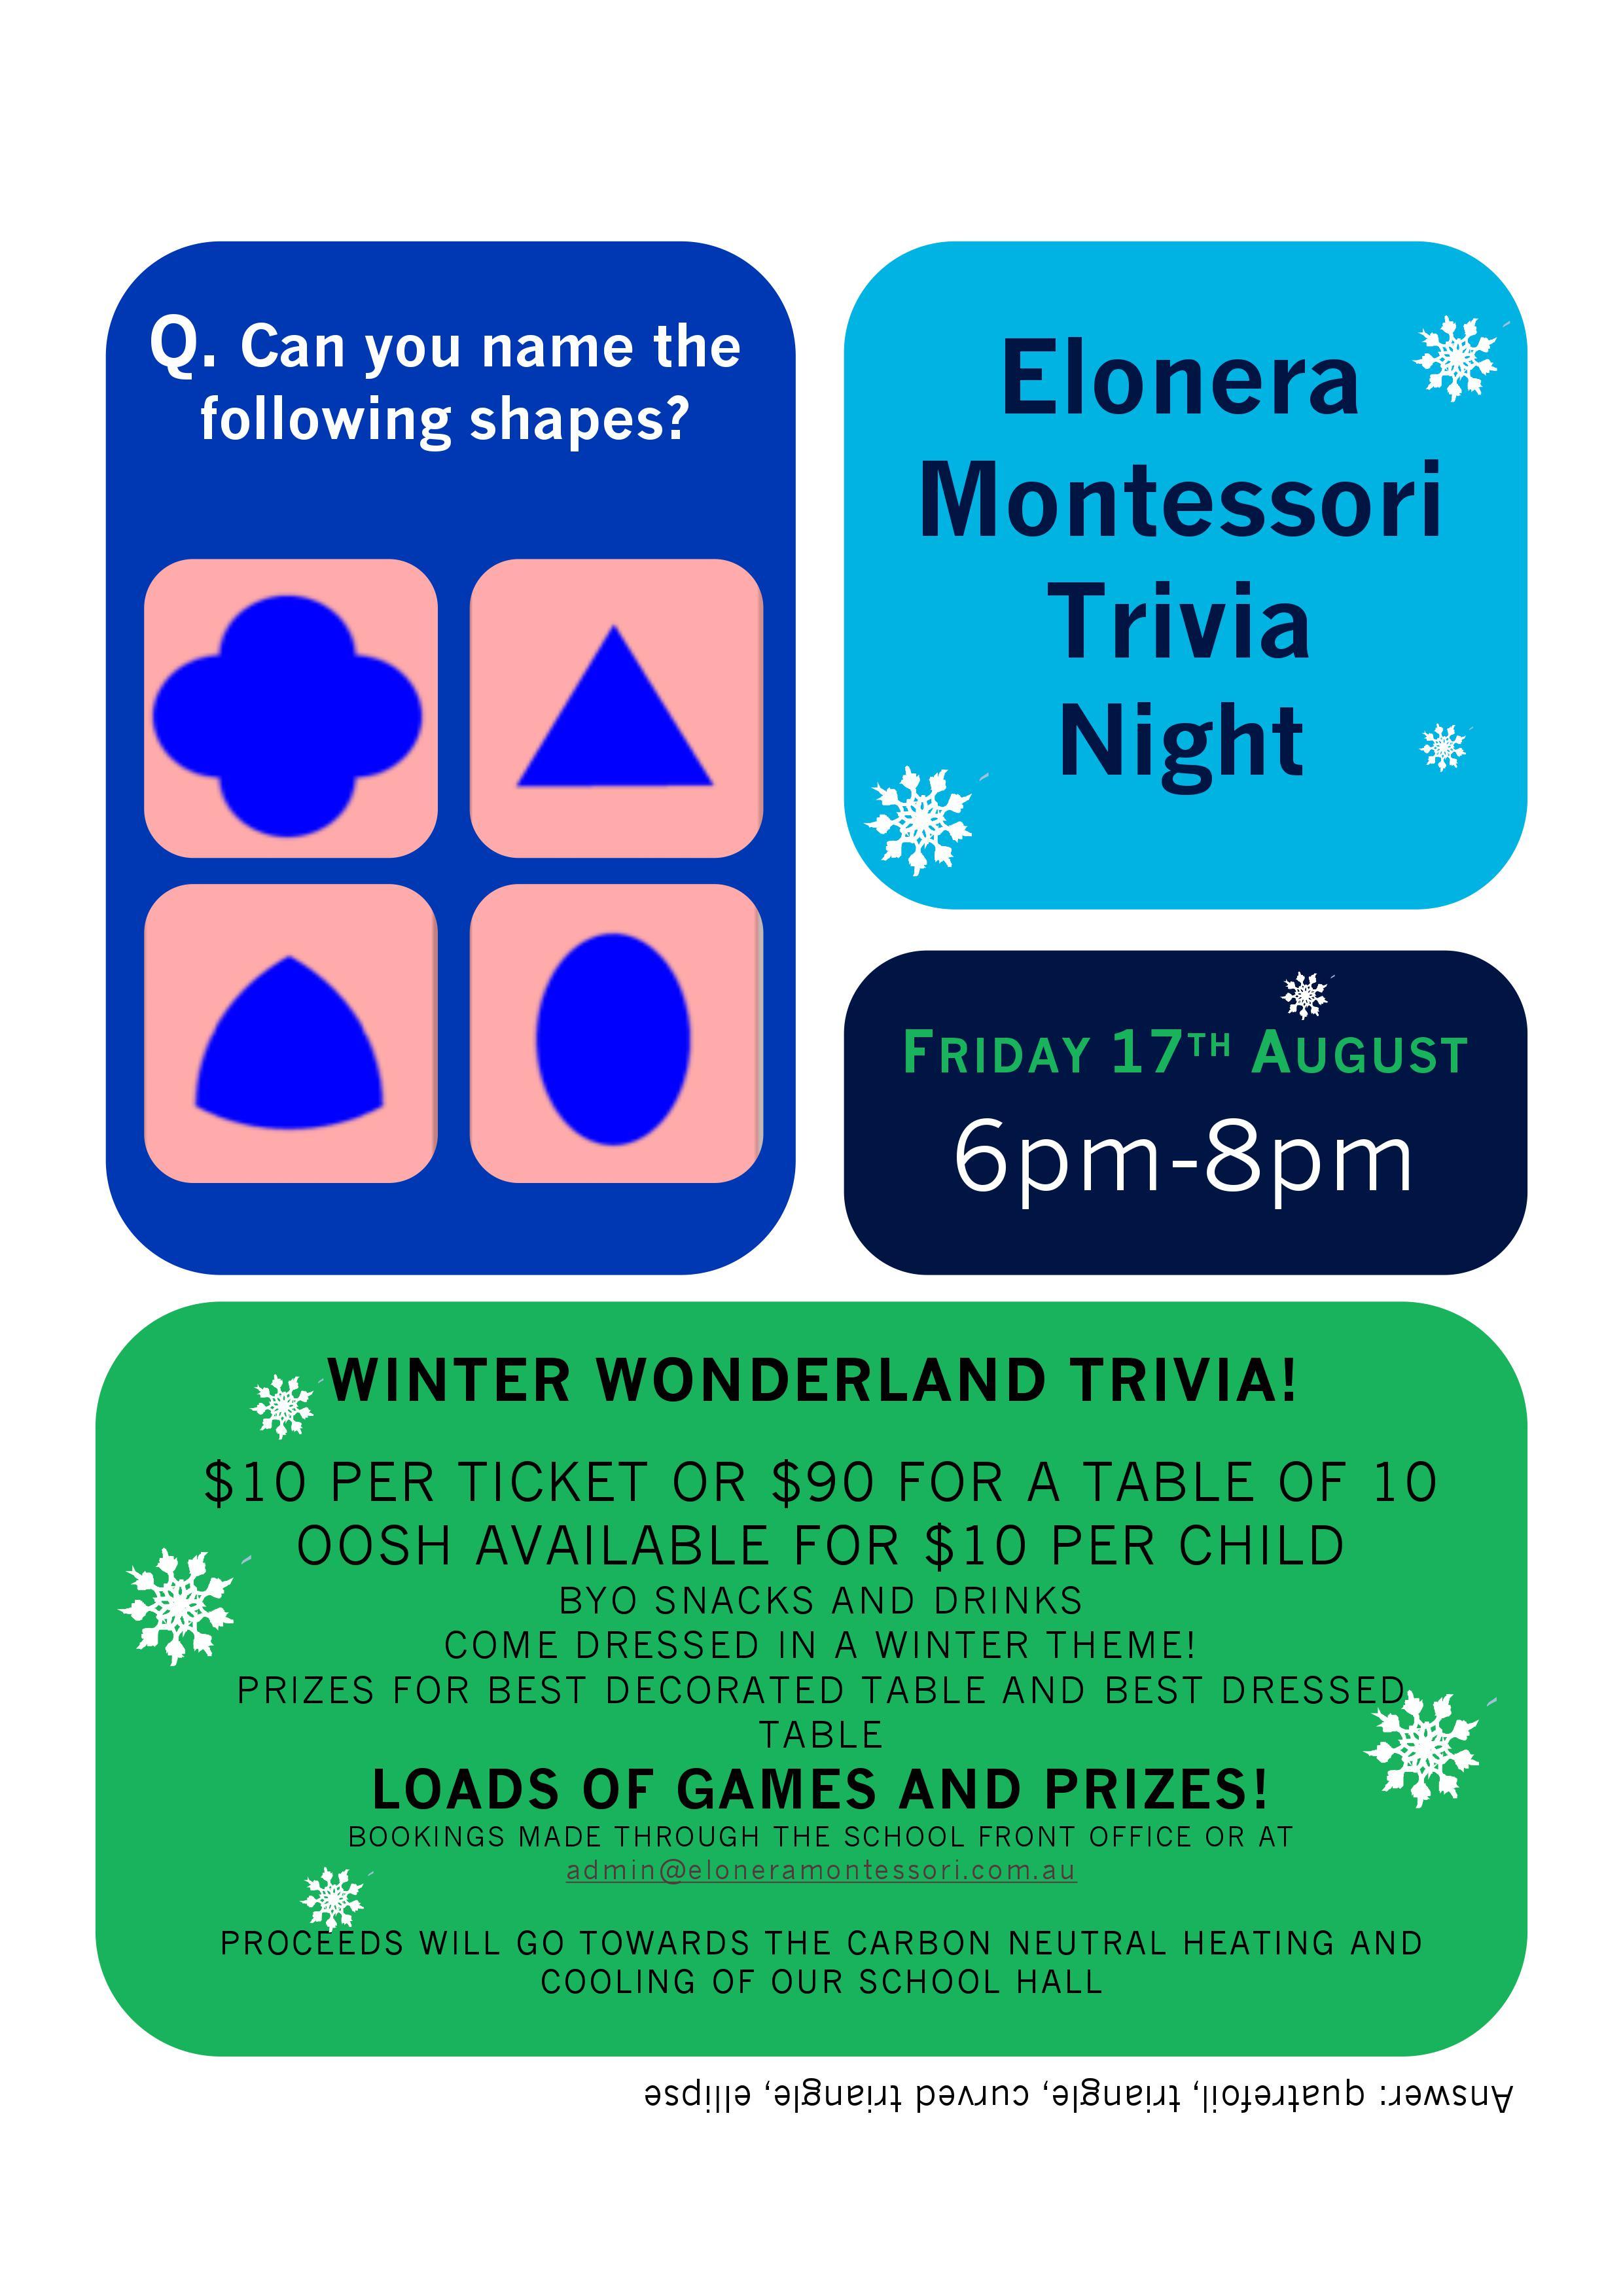 Elonera Trivia Night Flyer.jpg